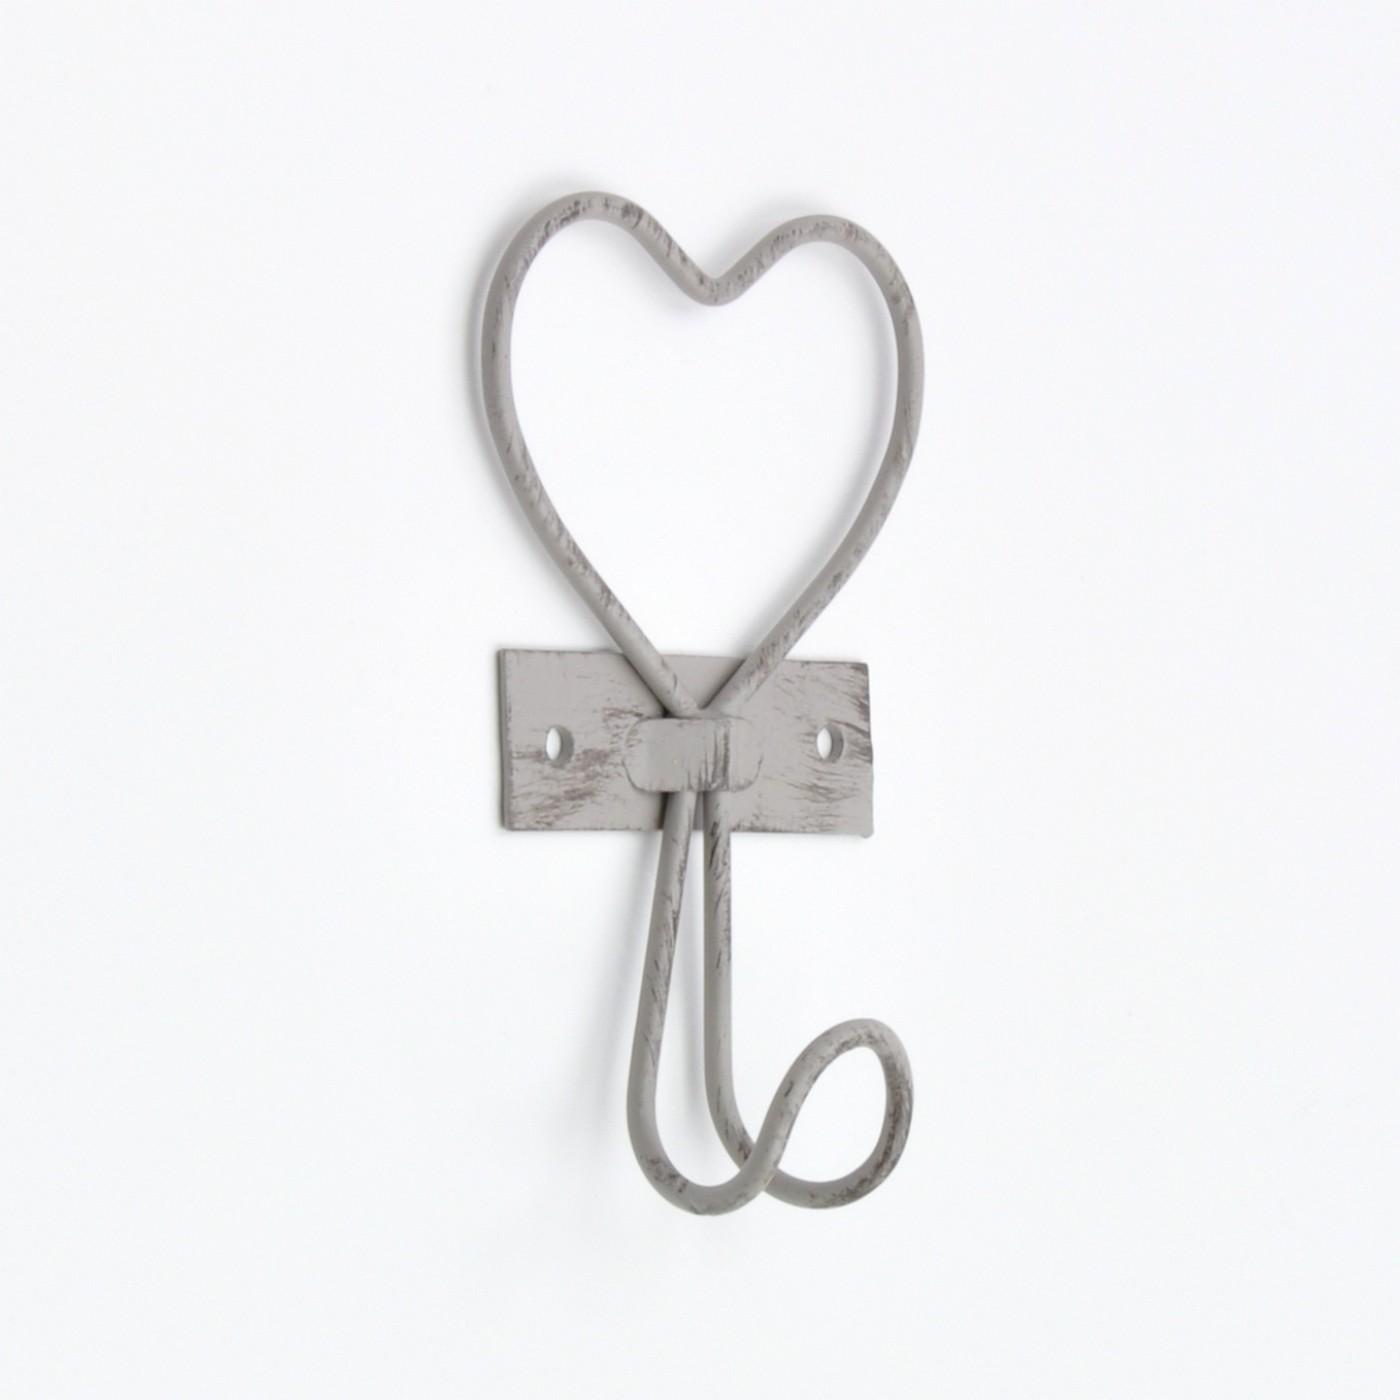 Vintage Heart Shaped Hook Pretty Heart Wall Hook Wire